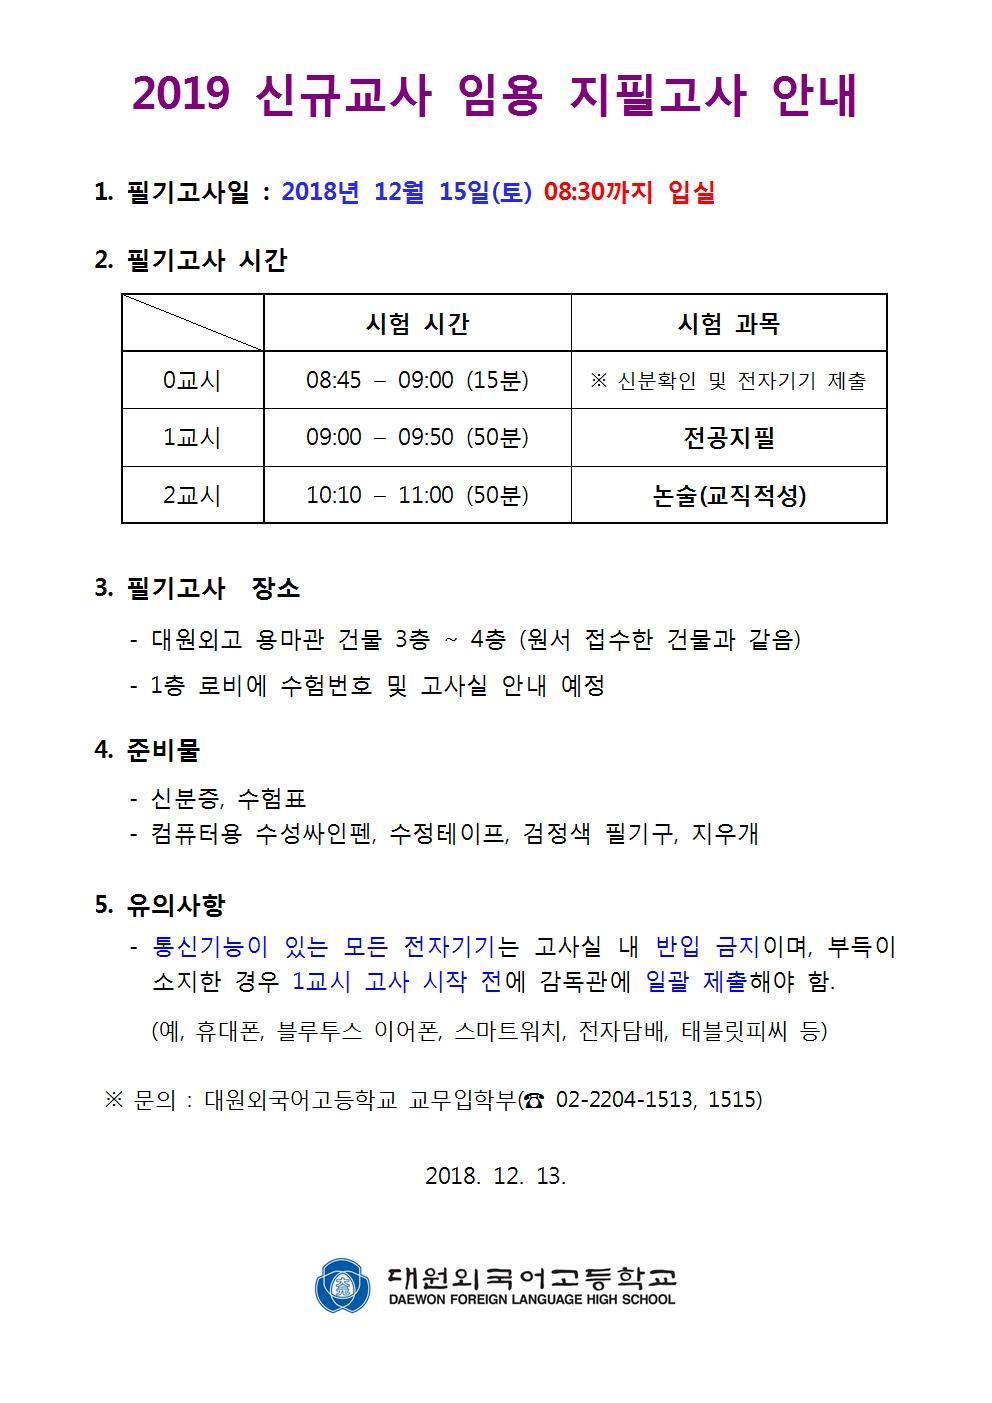 2019 신규교사 임용 지필고사 안내